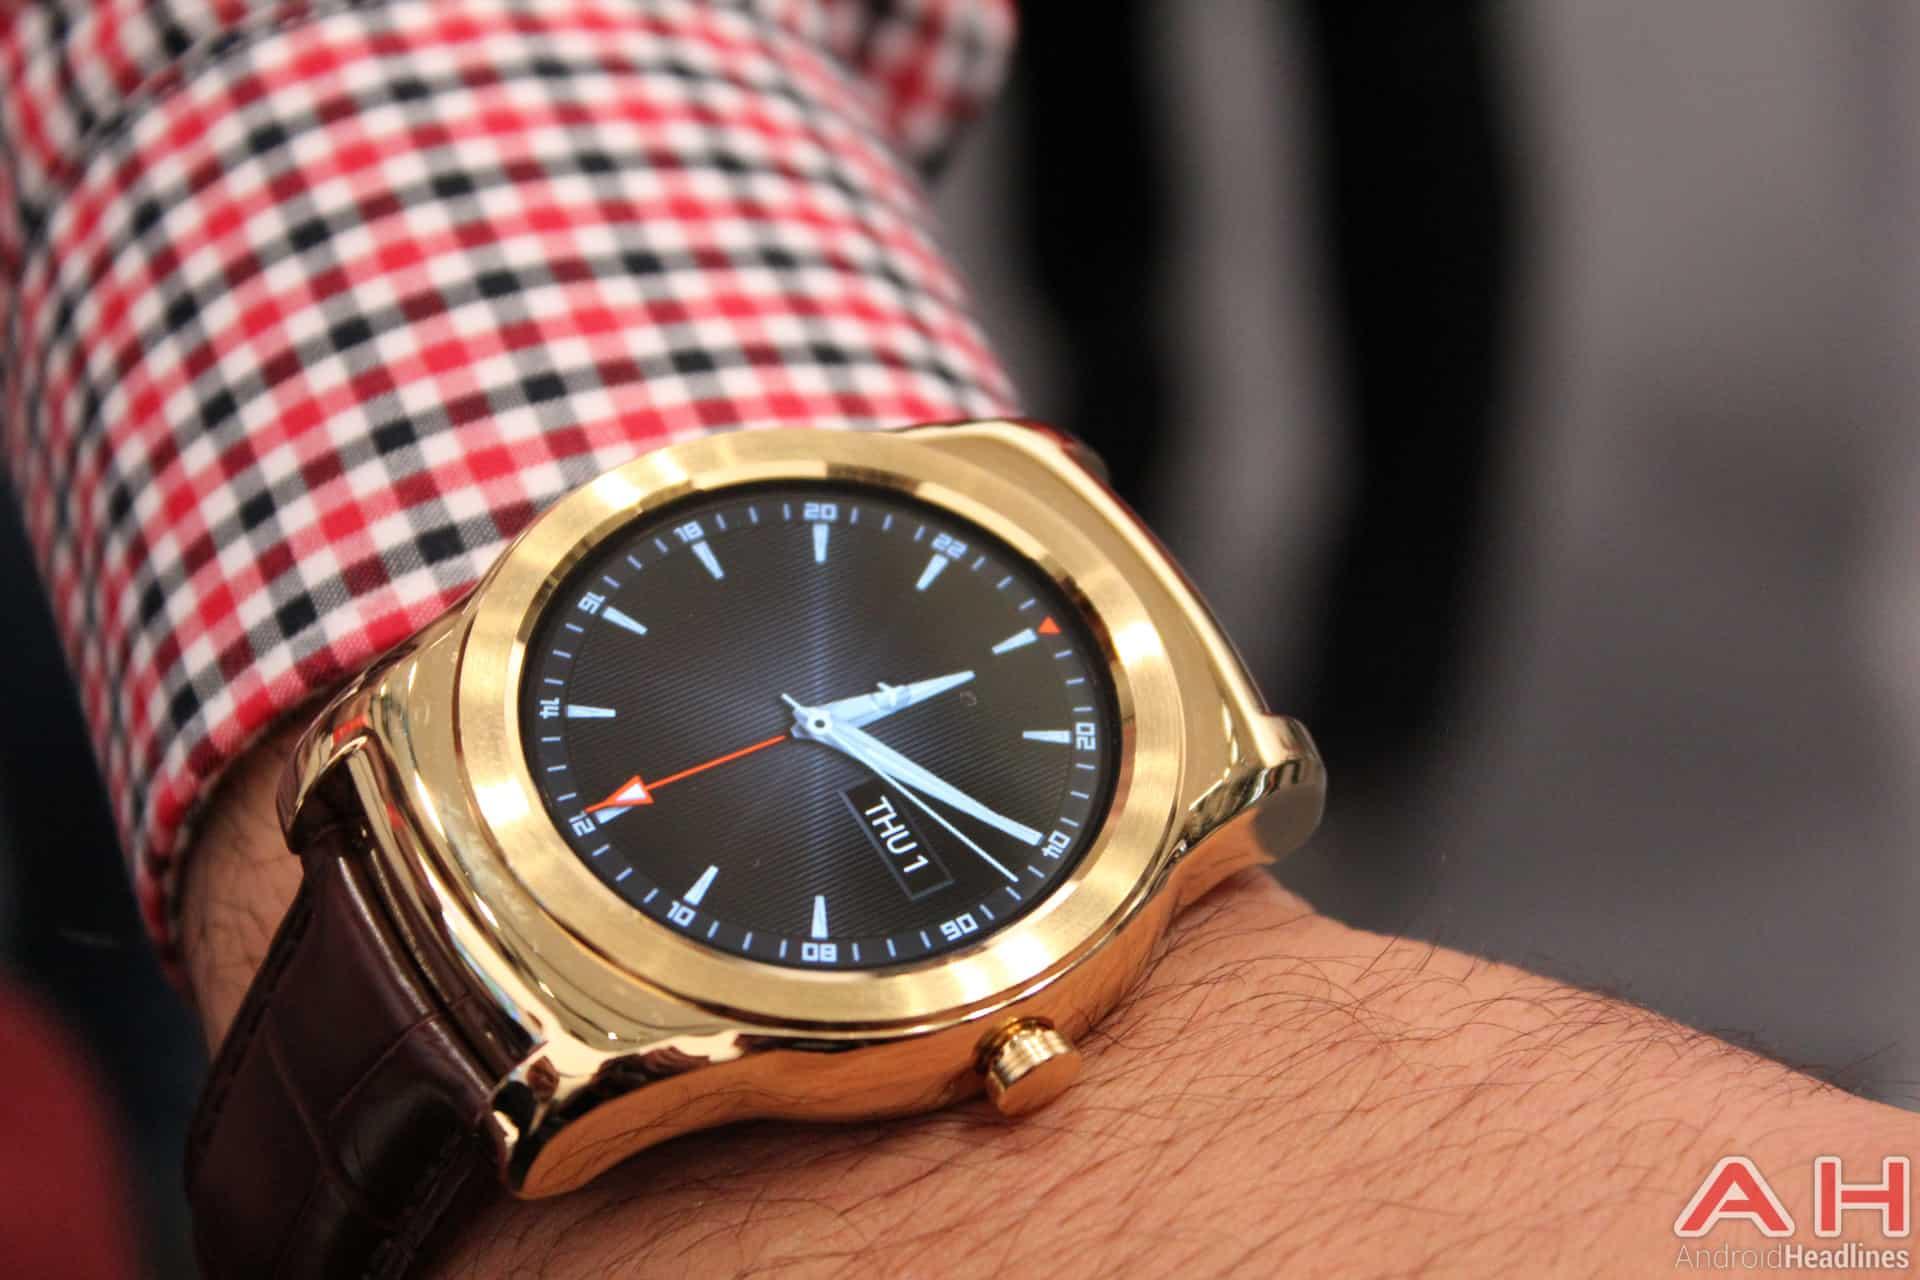 LG Watch Urbane Luxe AH 3